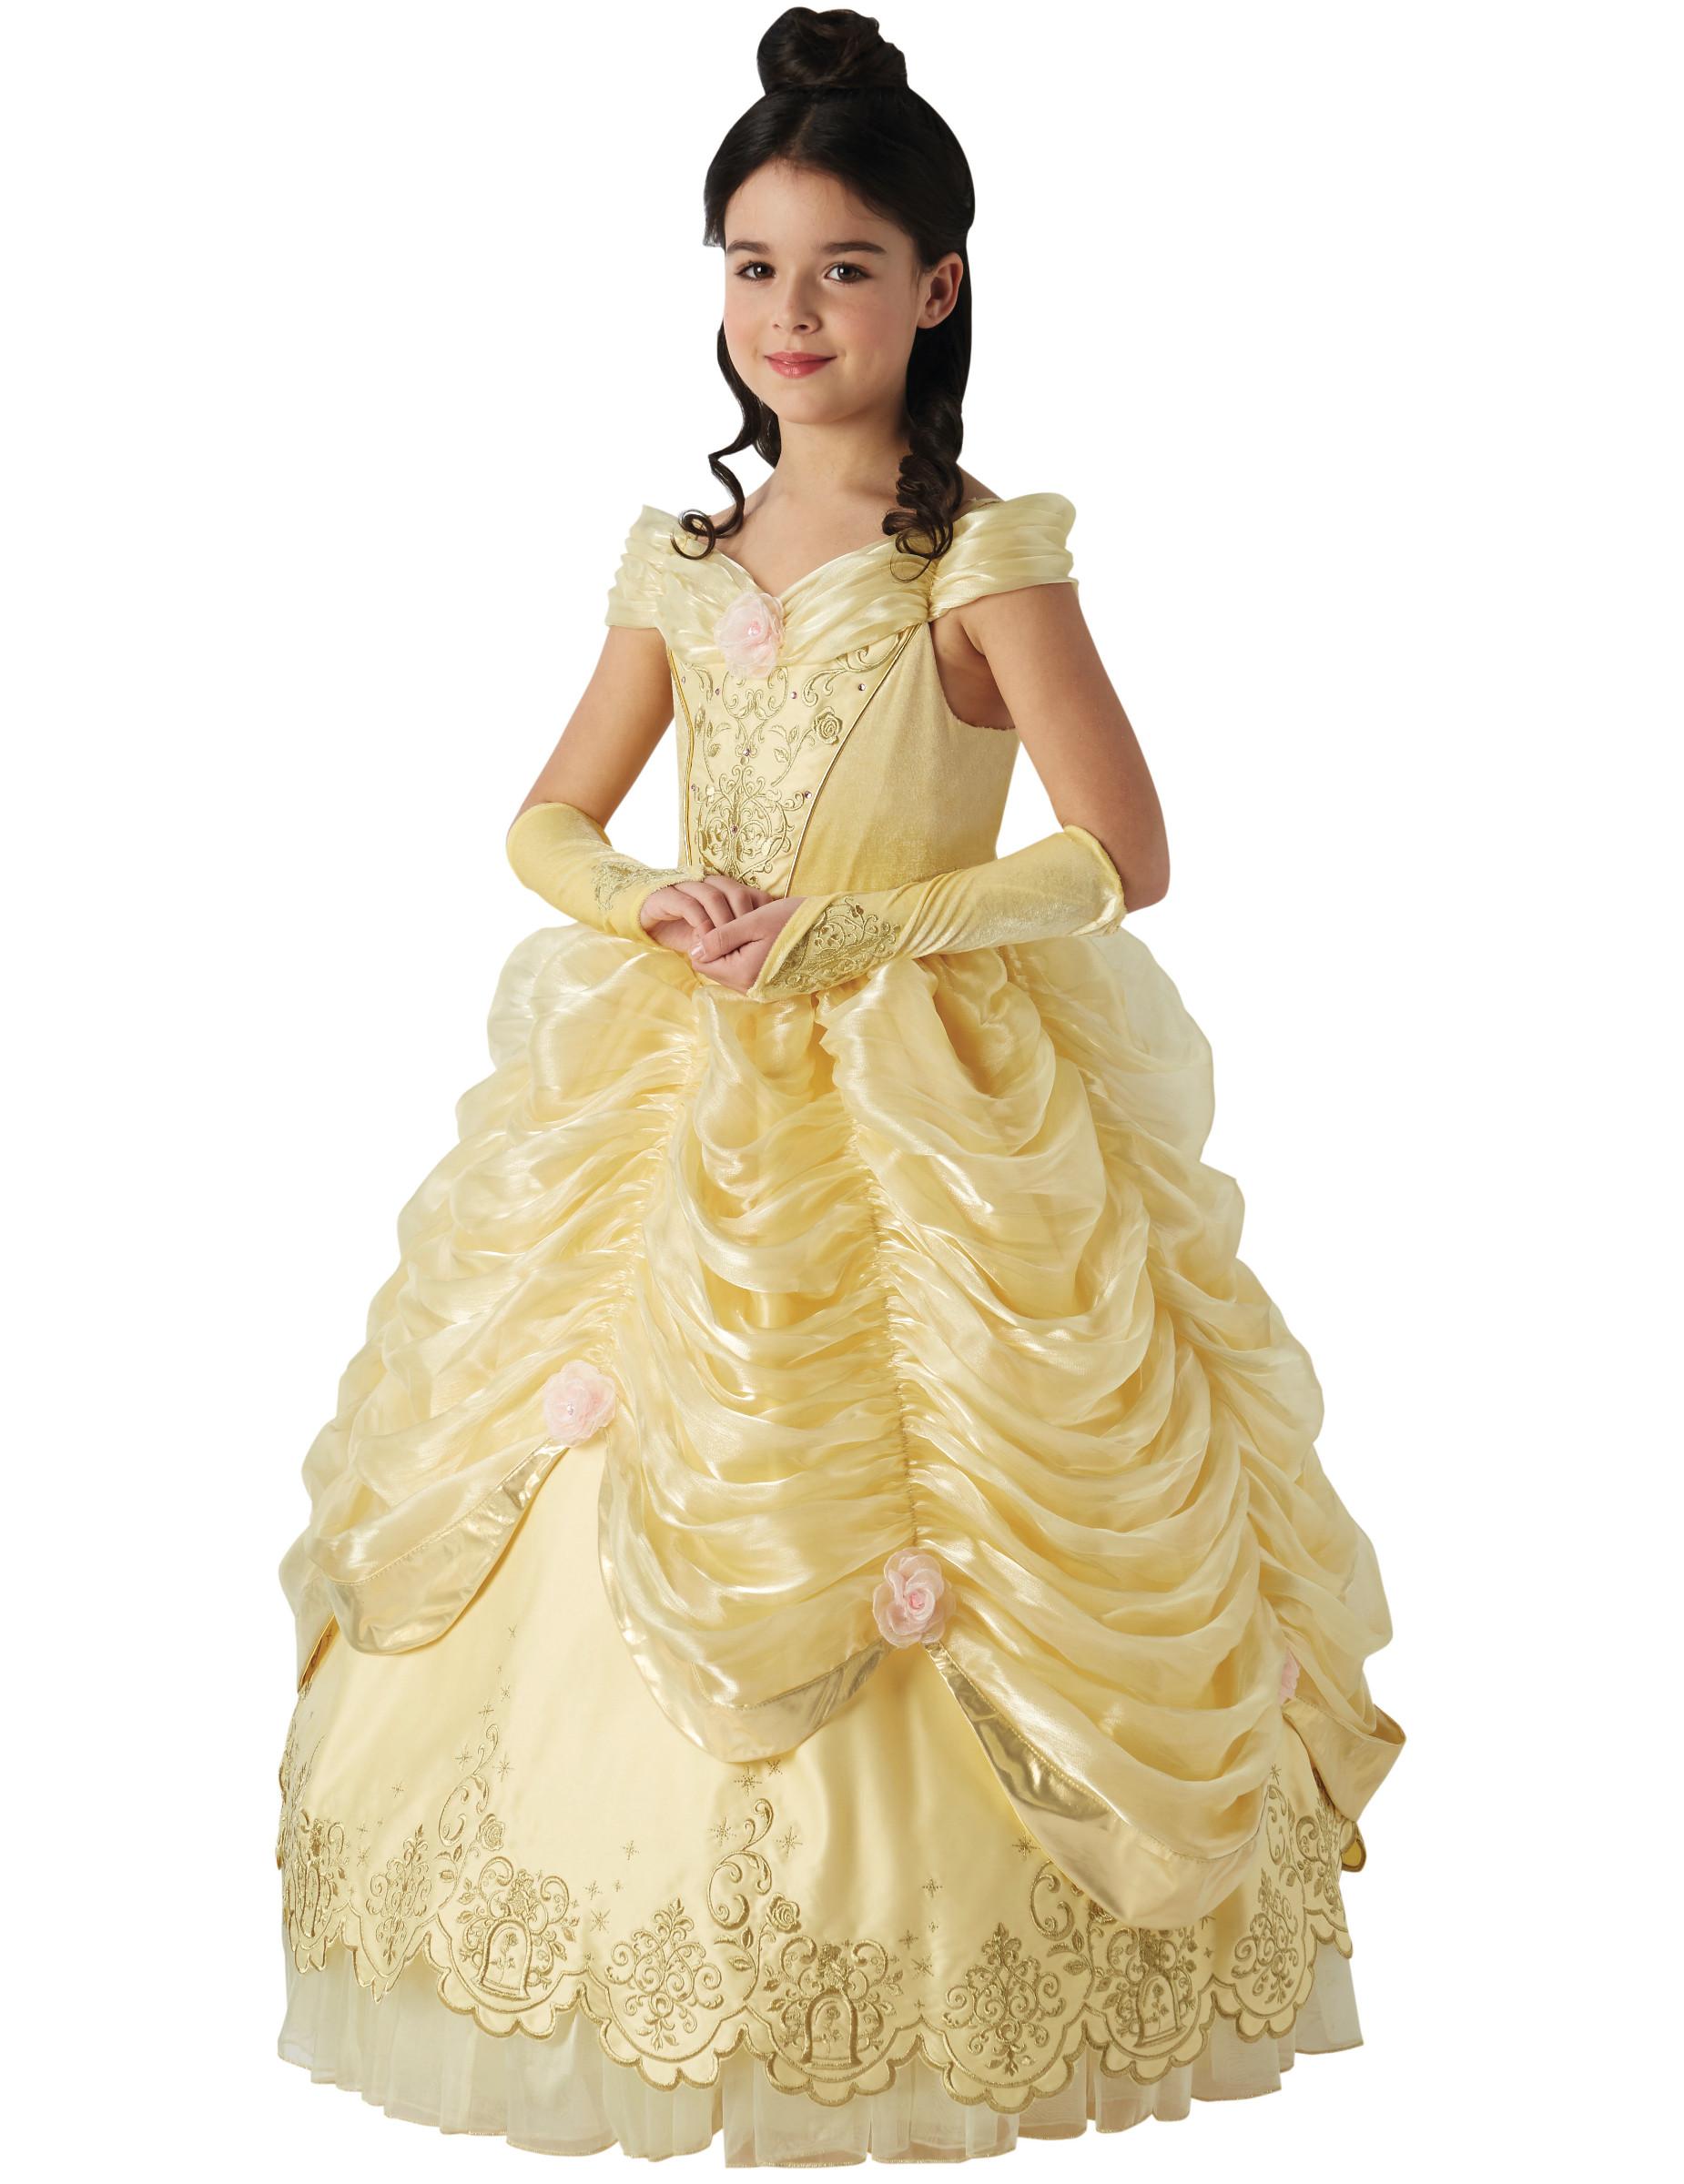 belle costume bambina  Costume da Belle™ per bambina - edizione limitata: Costumi bambini,e ...